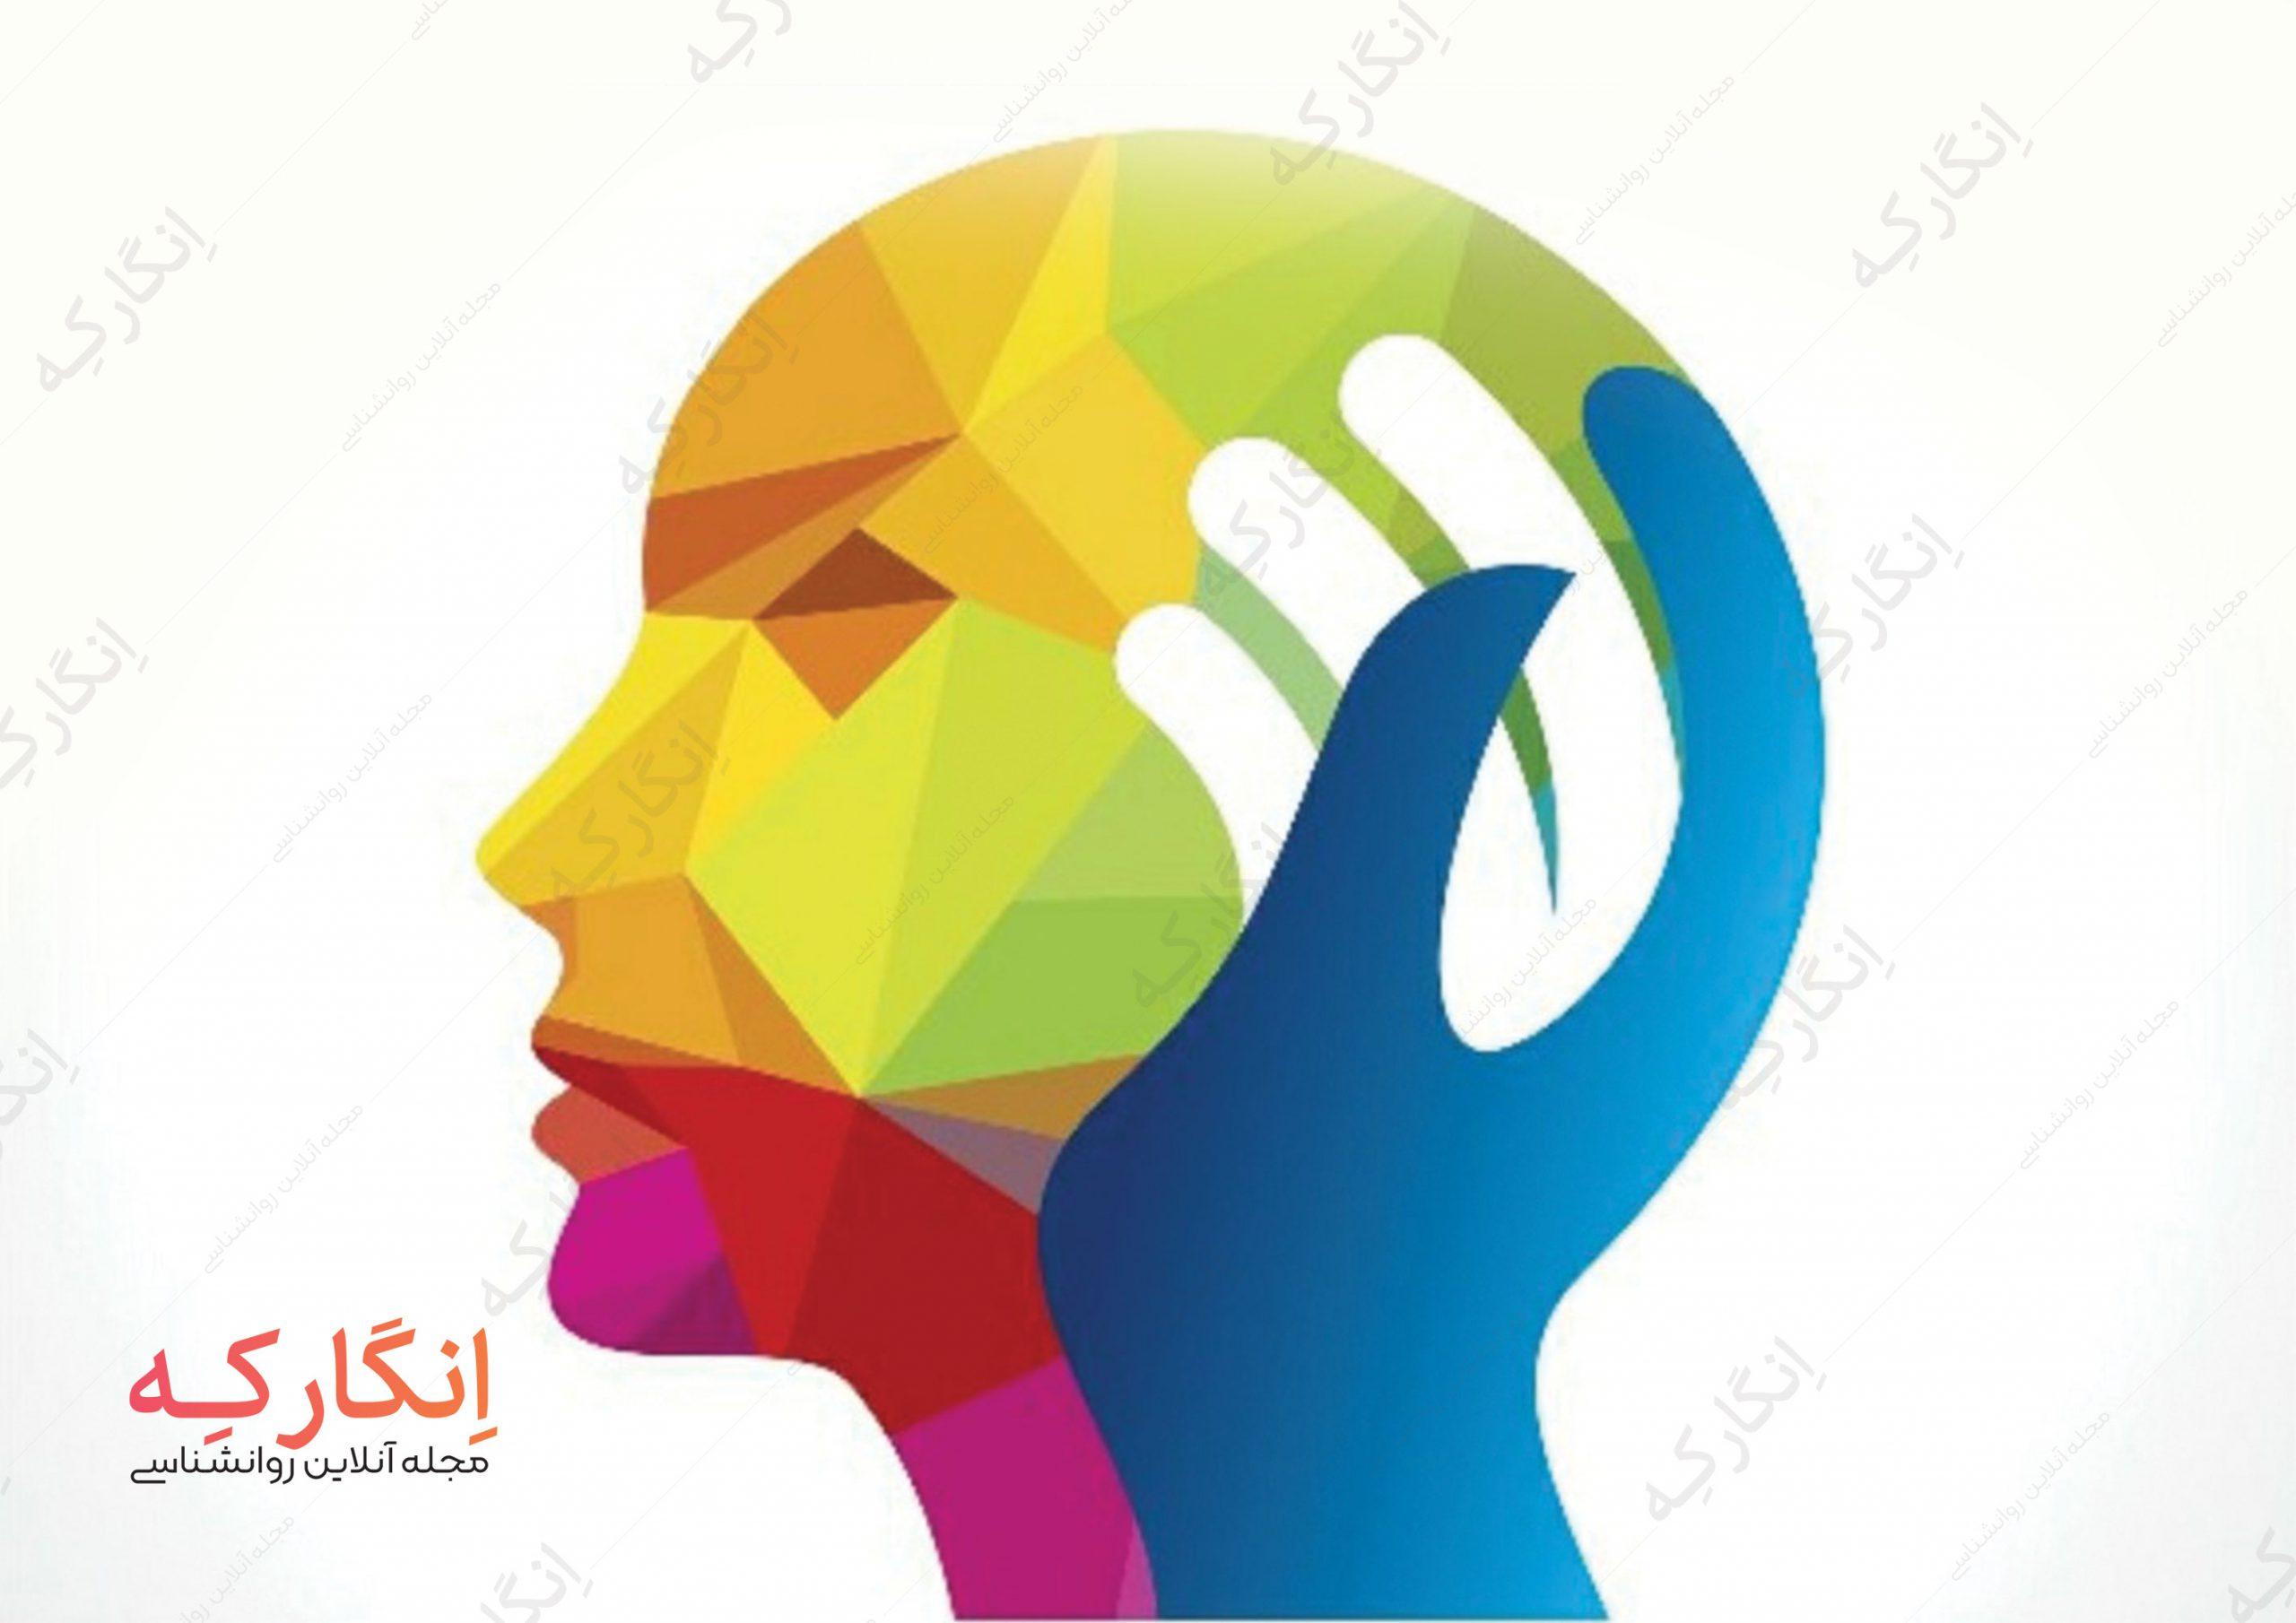 روانشناسی سلامت جامعه